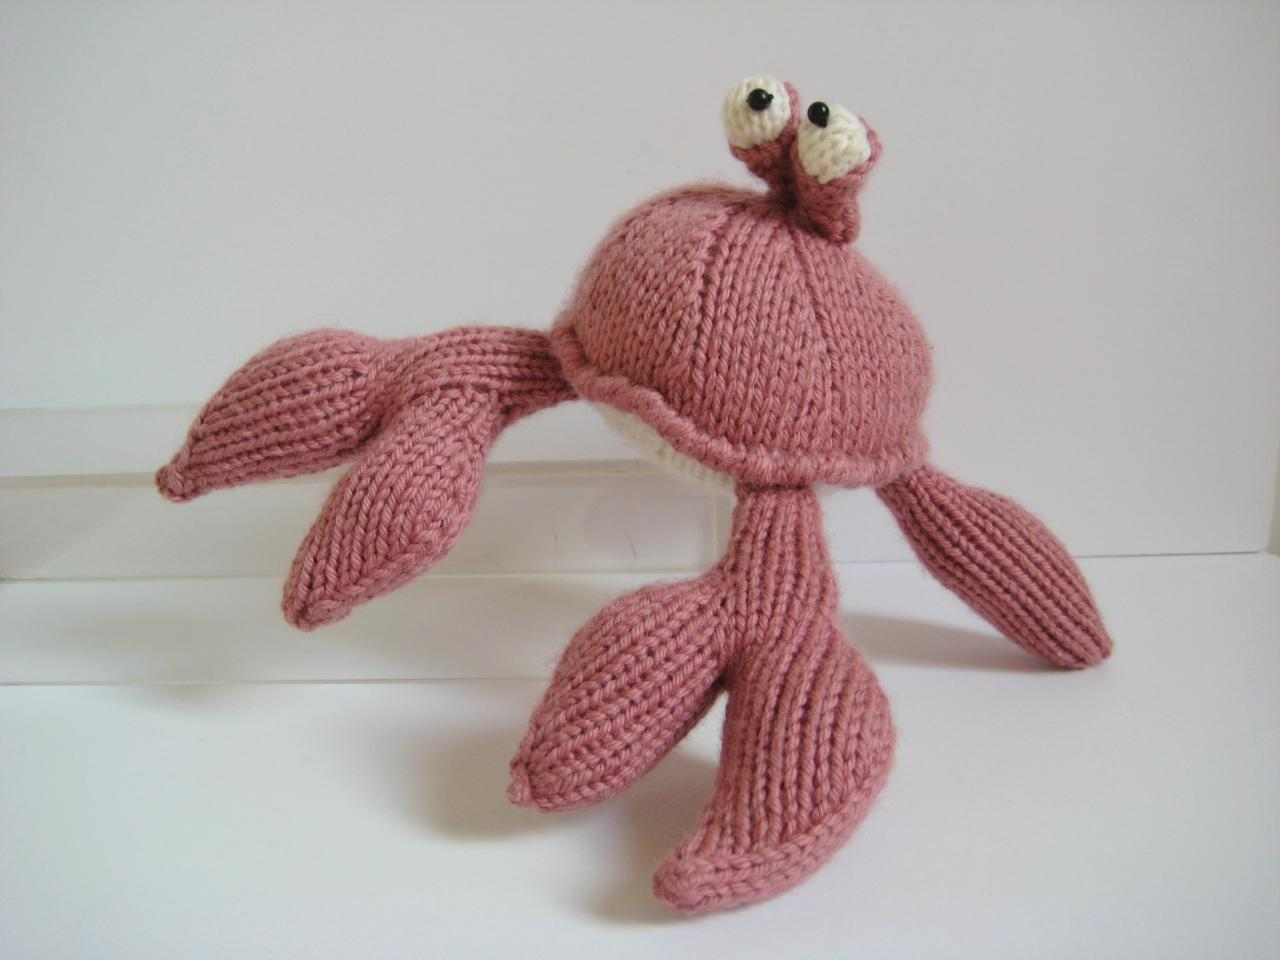 Crab Toy Knitting Pattern